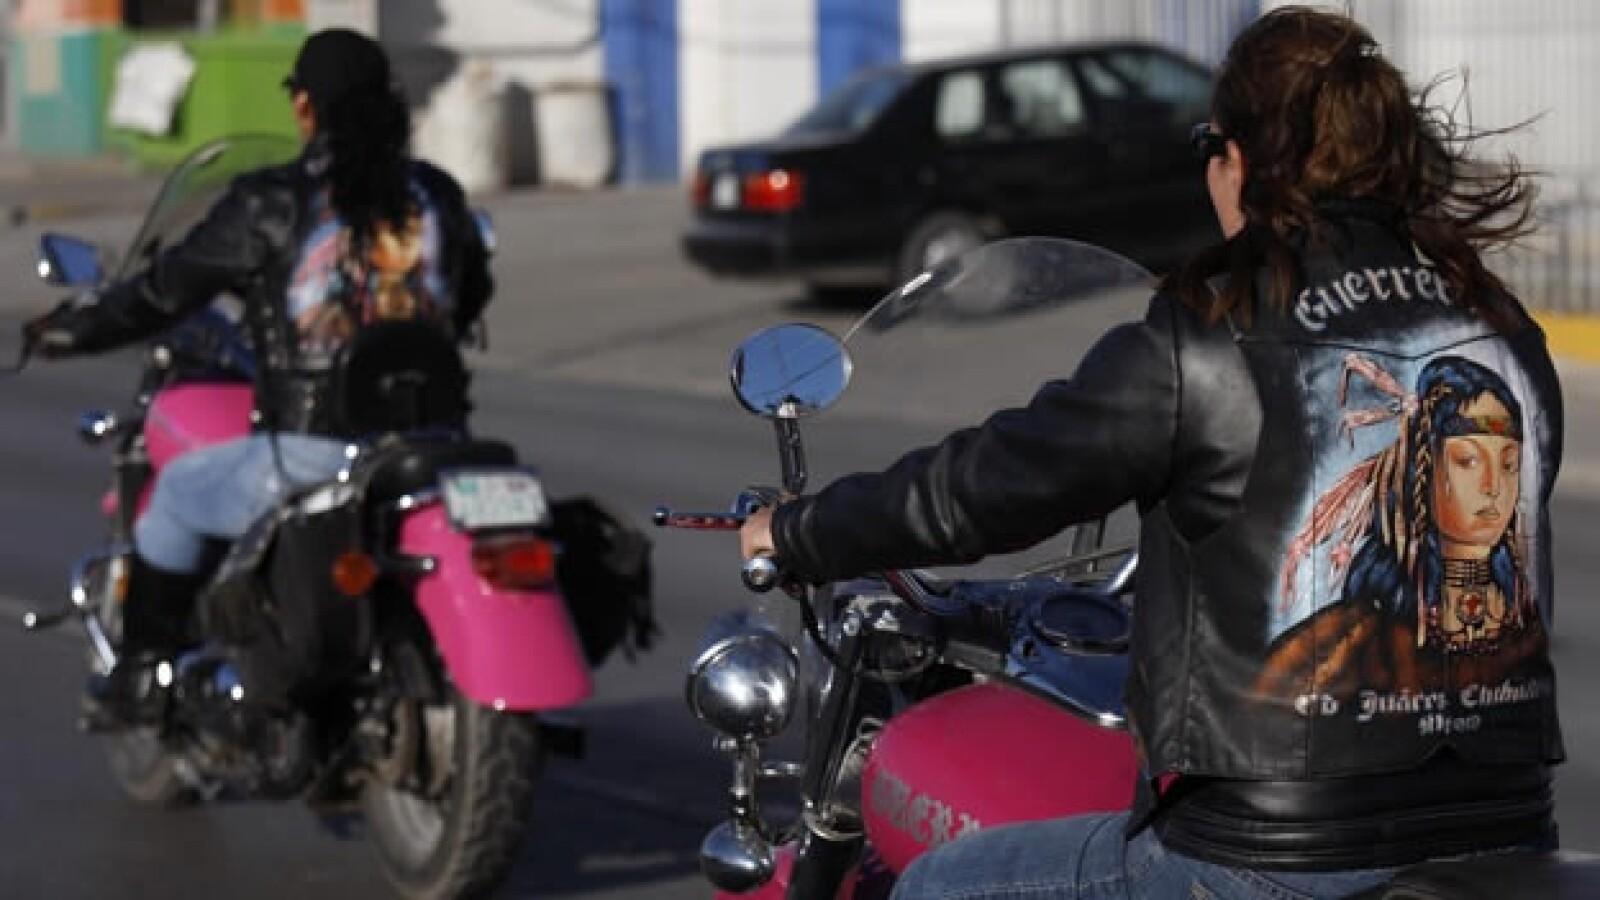 Las Guerreras motociclistas vestimenta